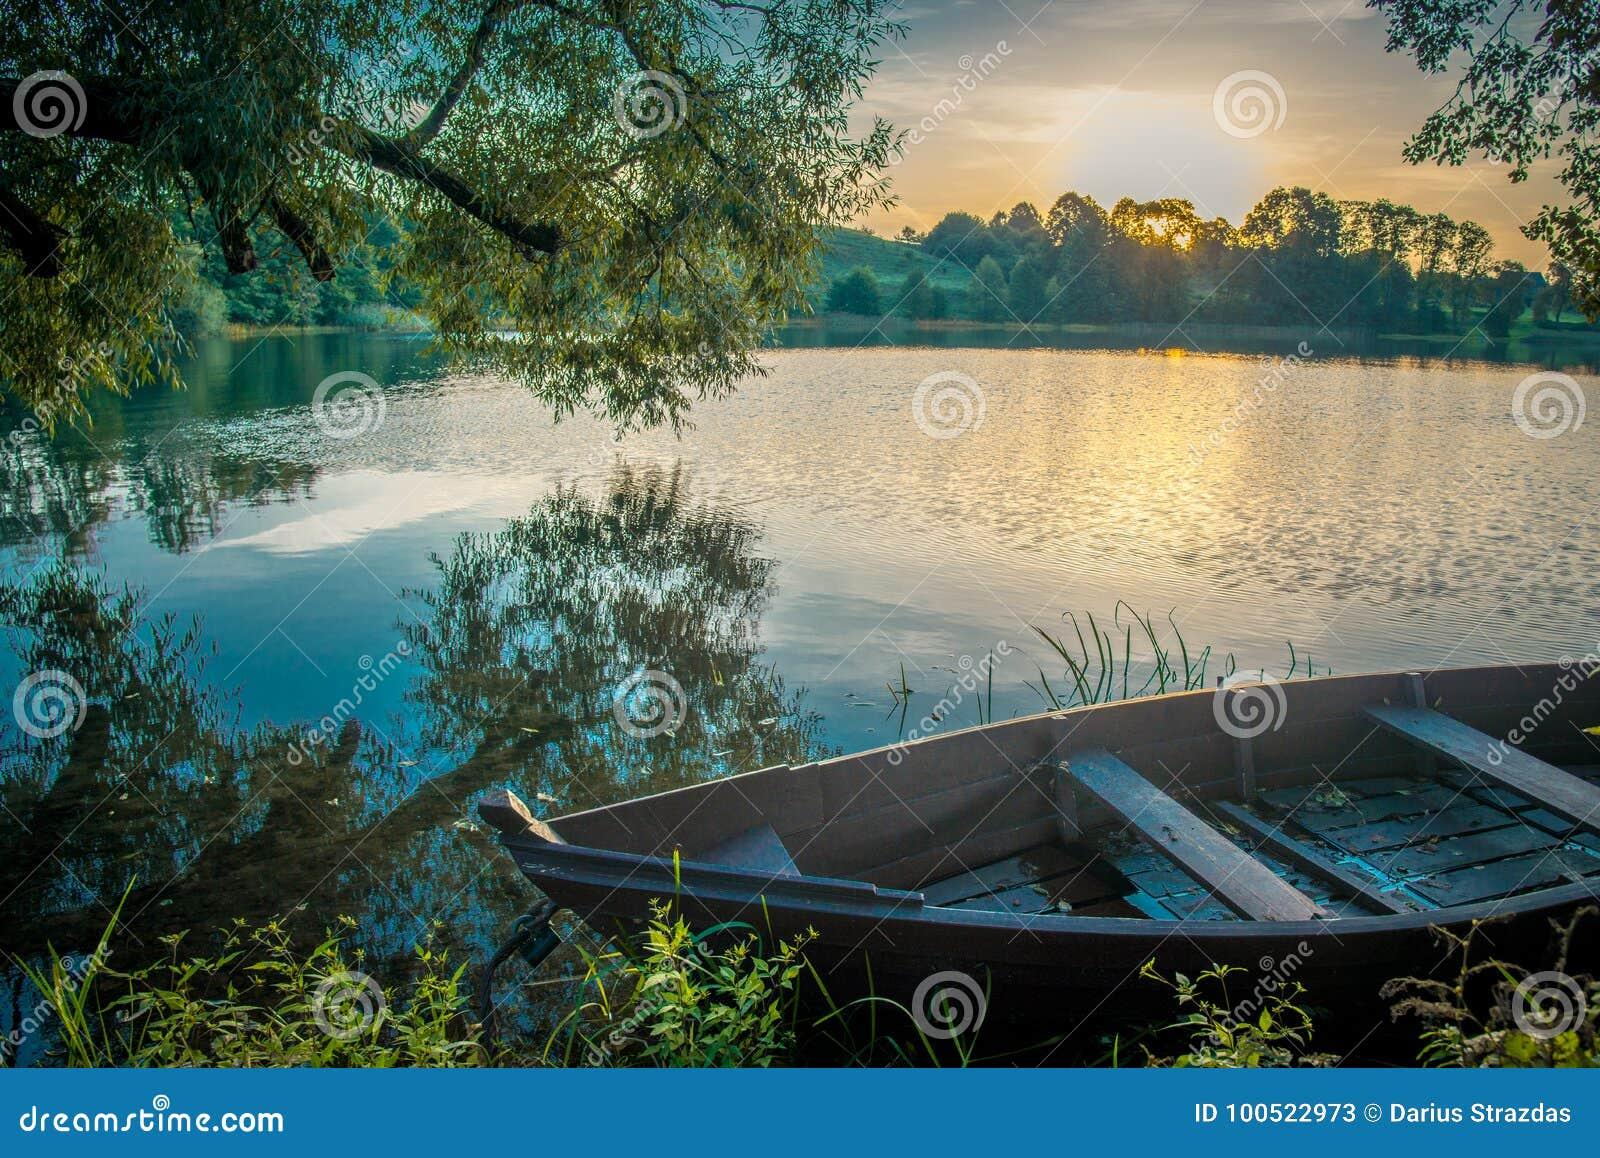 Scenic nature landscape near lake